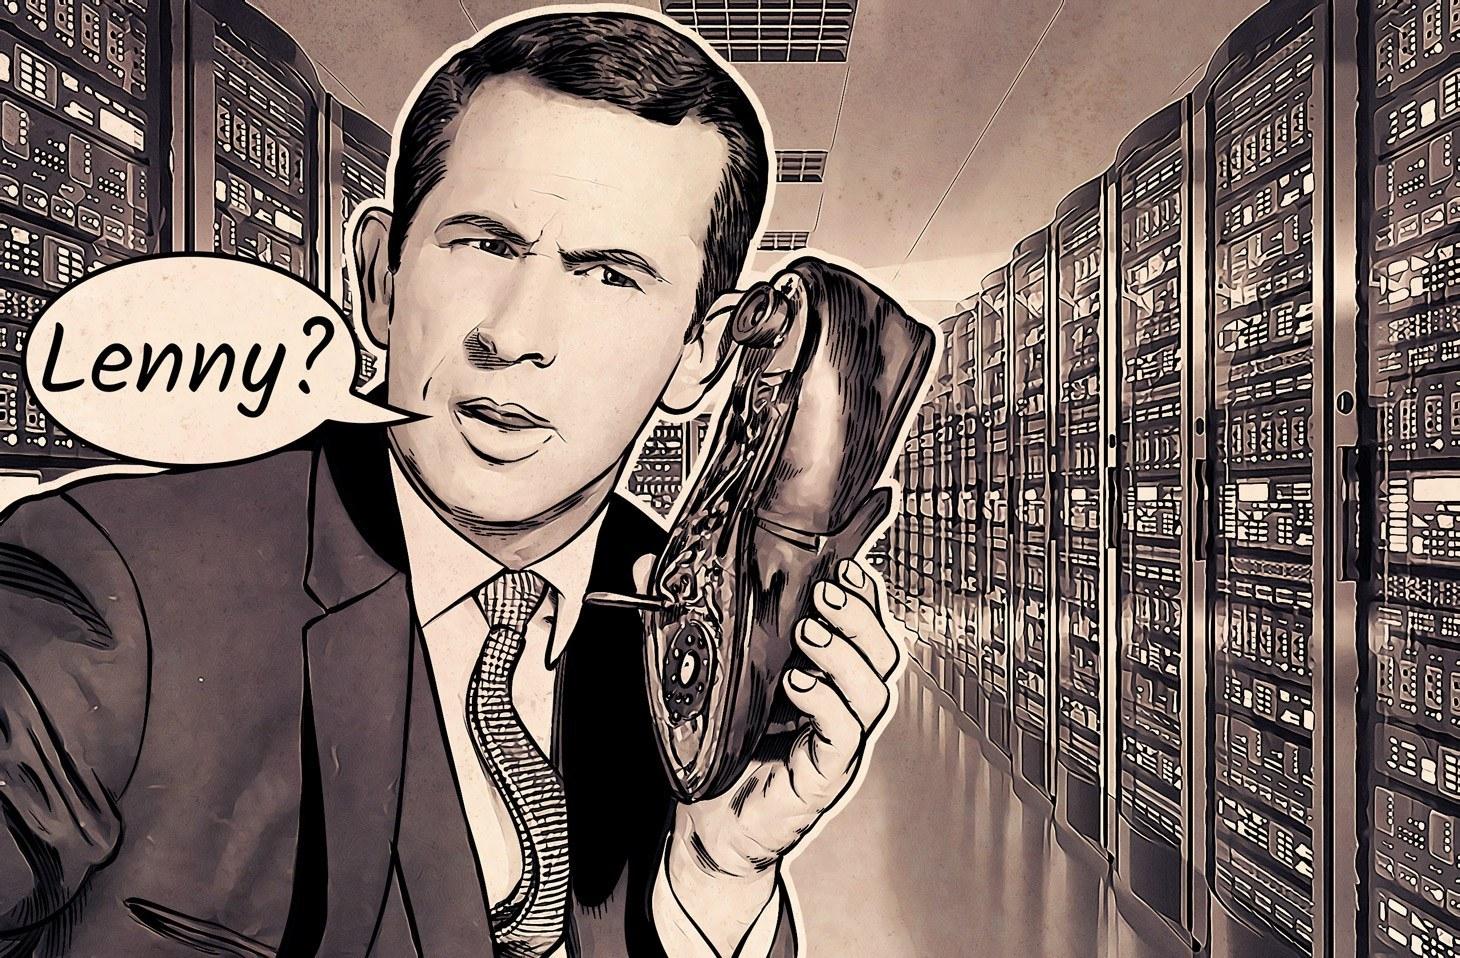 Meet Lenny, el chatbot que puedes utilizar contra vendedores y estafadores telefónicos